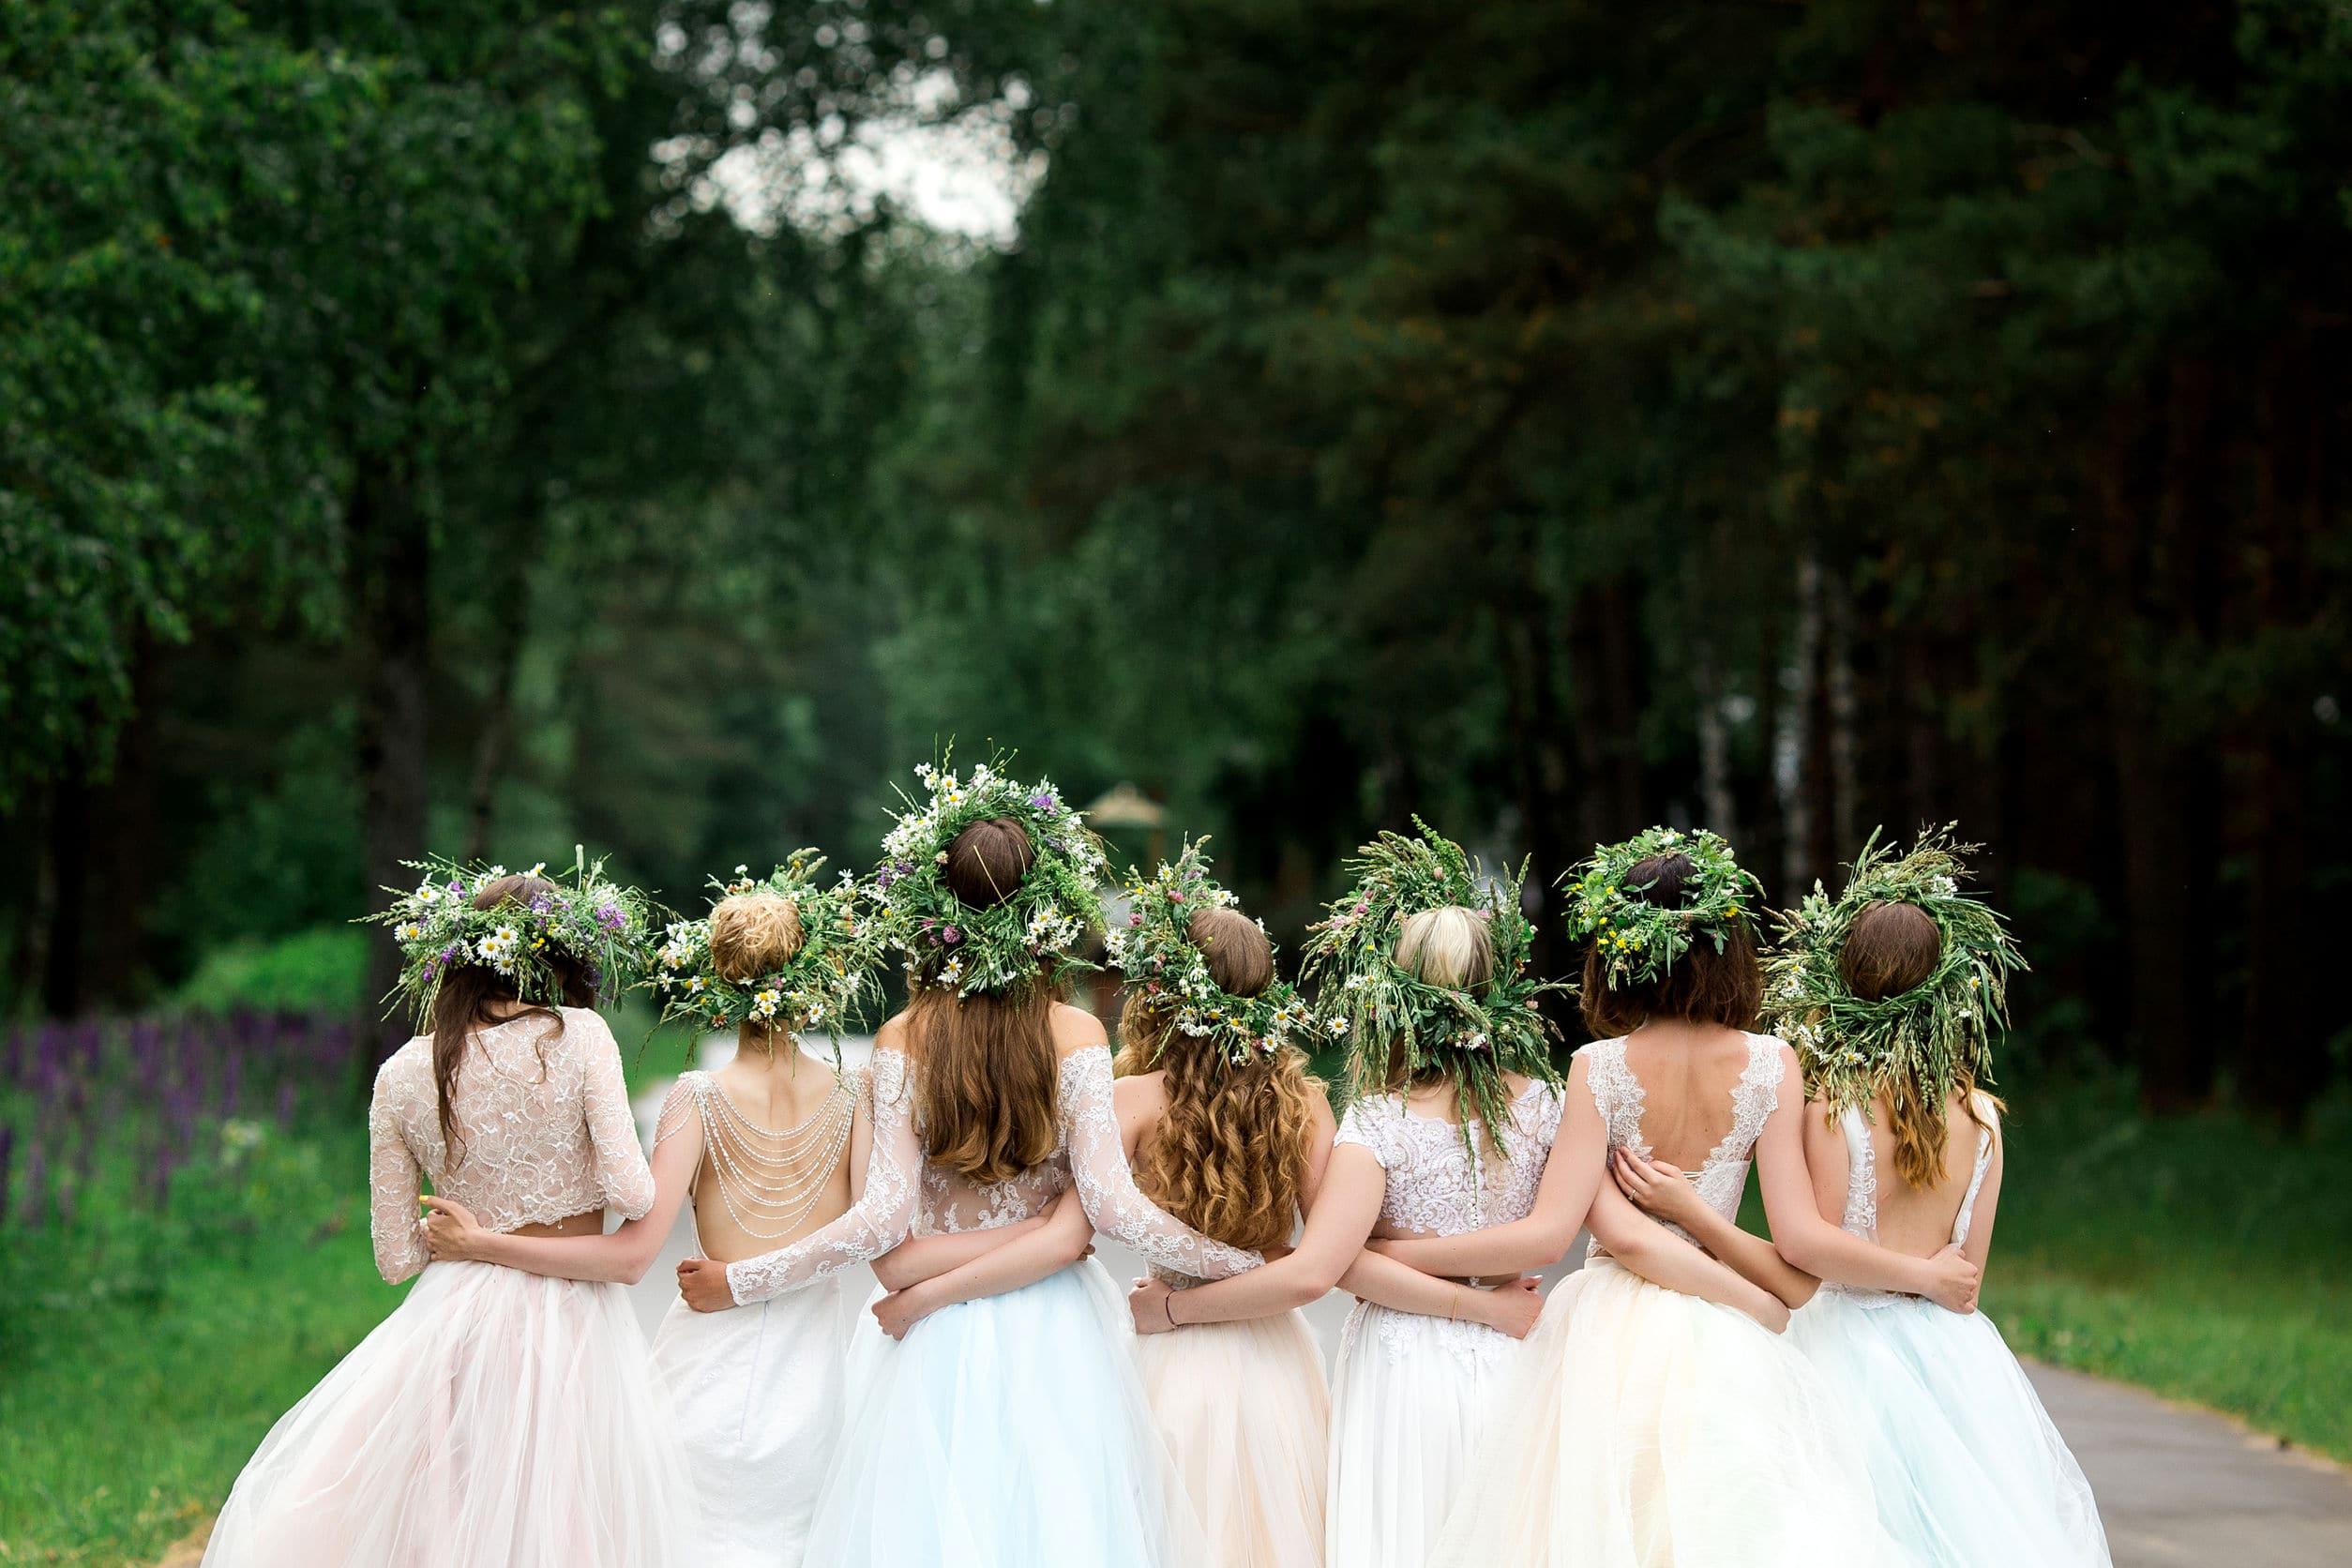 robes pour demoiselles d'honneur : toutes rassemblées